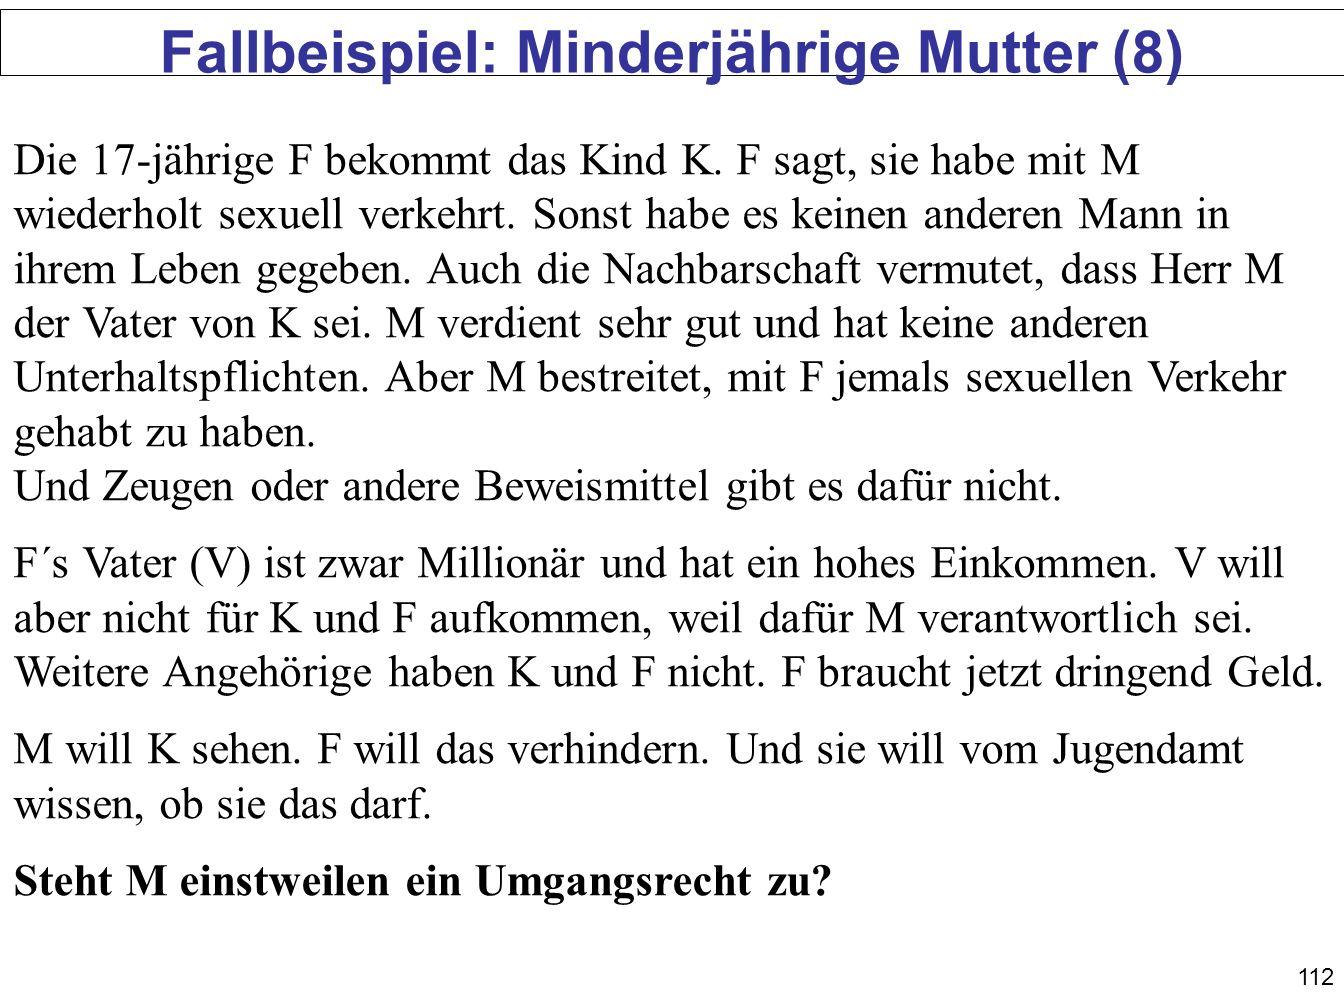 112 Fallbeispiel: Minderjährige Mutter (8) Die 17-jährige F bekommt das Kind K. F sagt, sie habe mit M wiederholt sexuell verkehrt. Sonst habe es kein